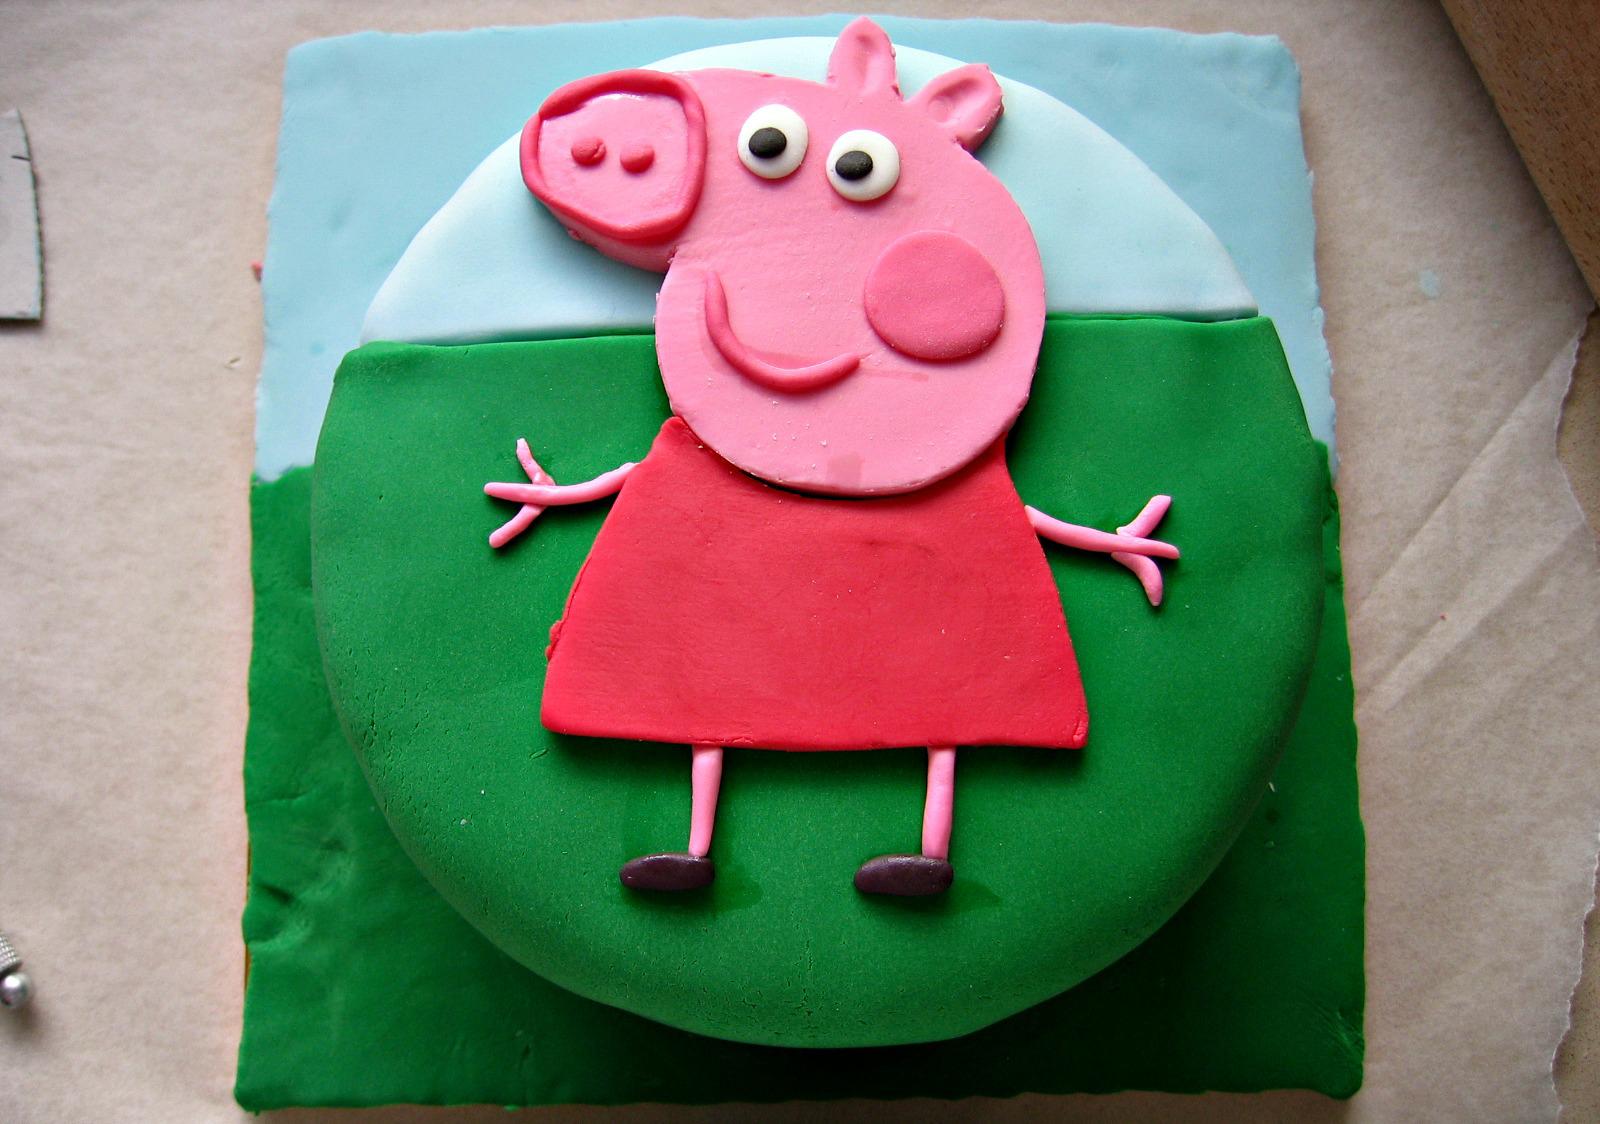 Детский торт своими руками. Торт со свинкой Пеппой 100